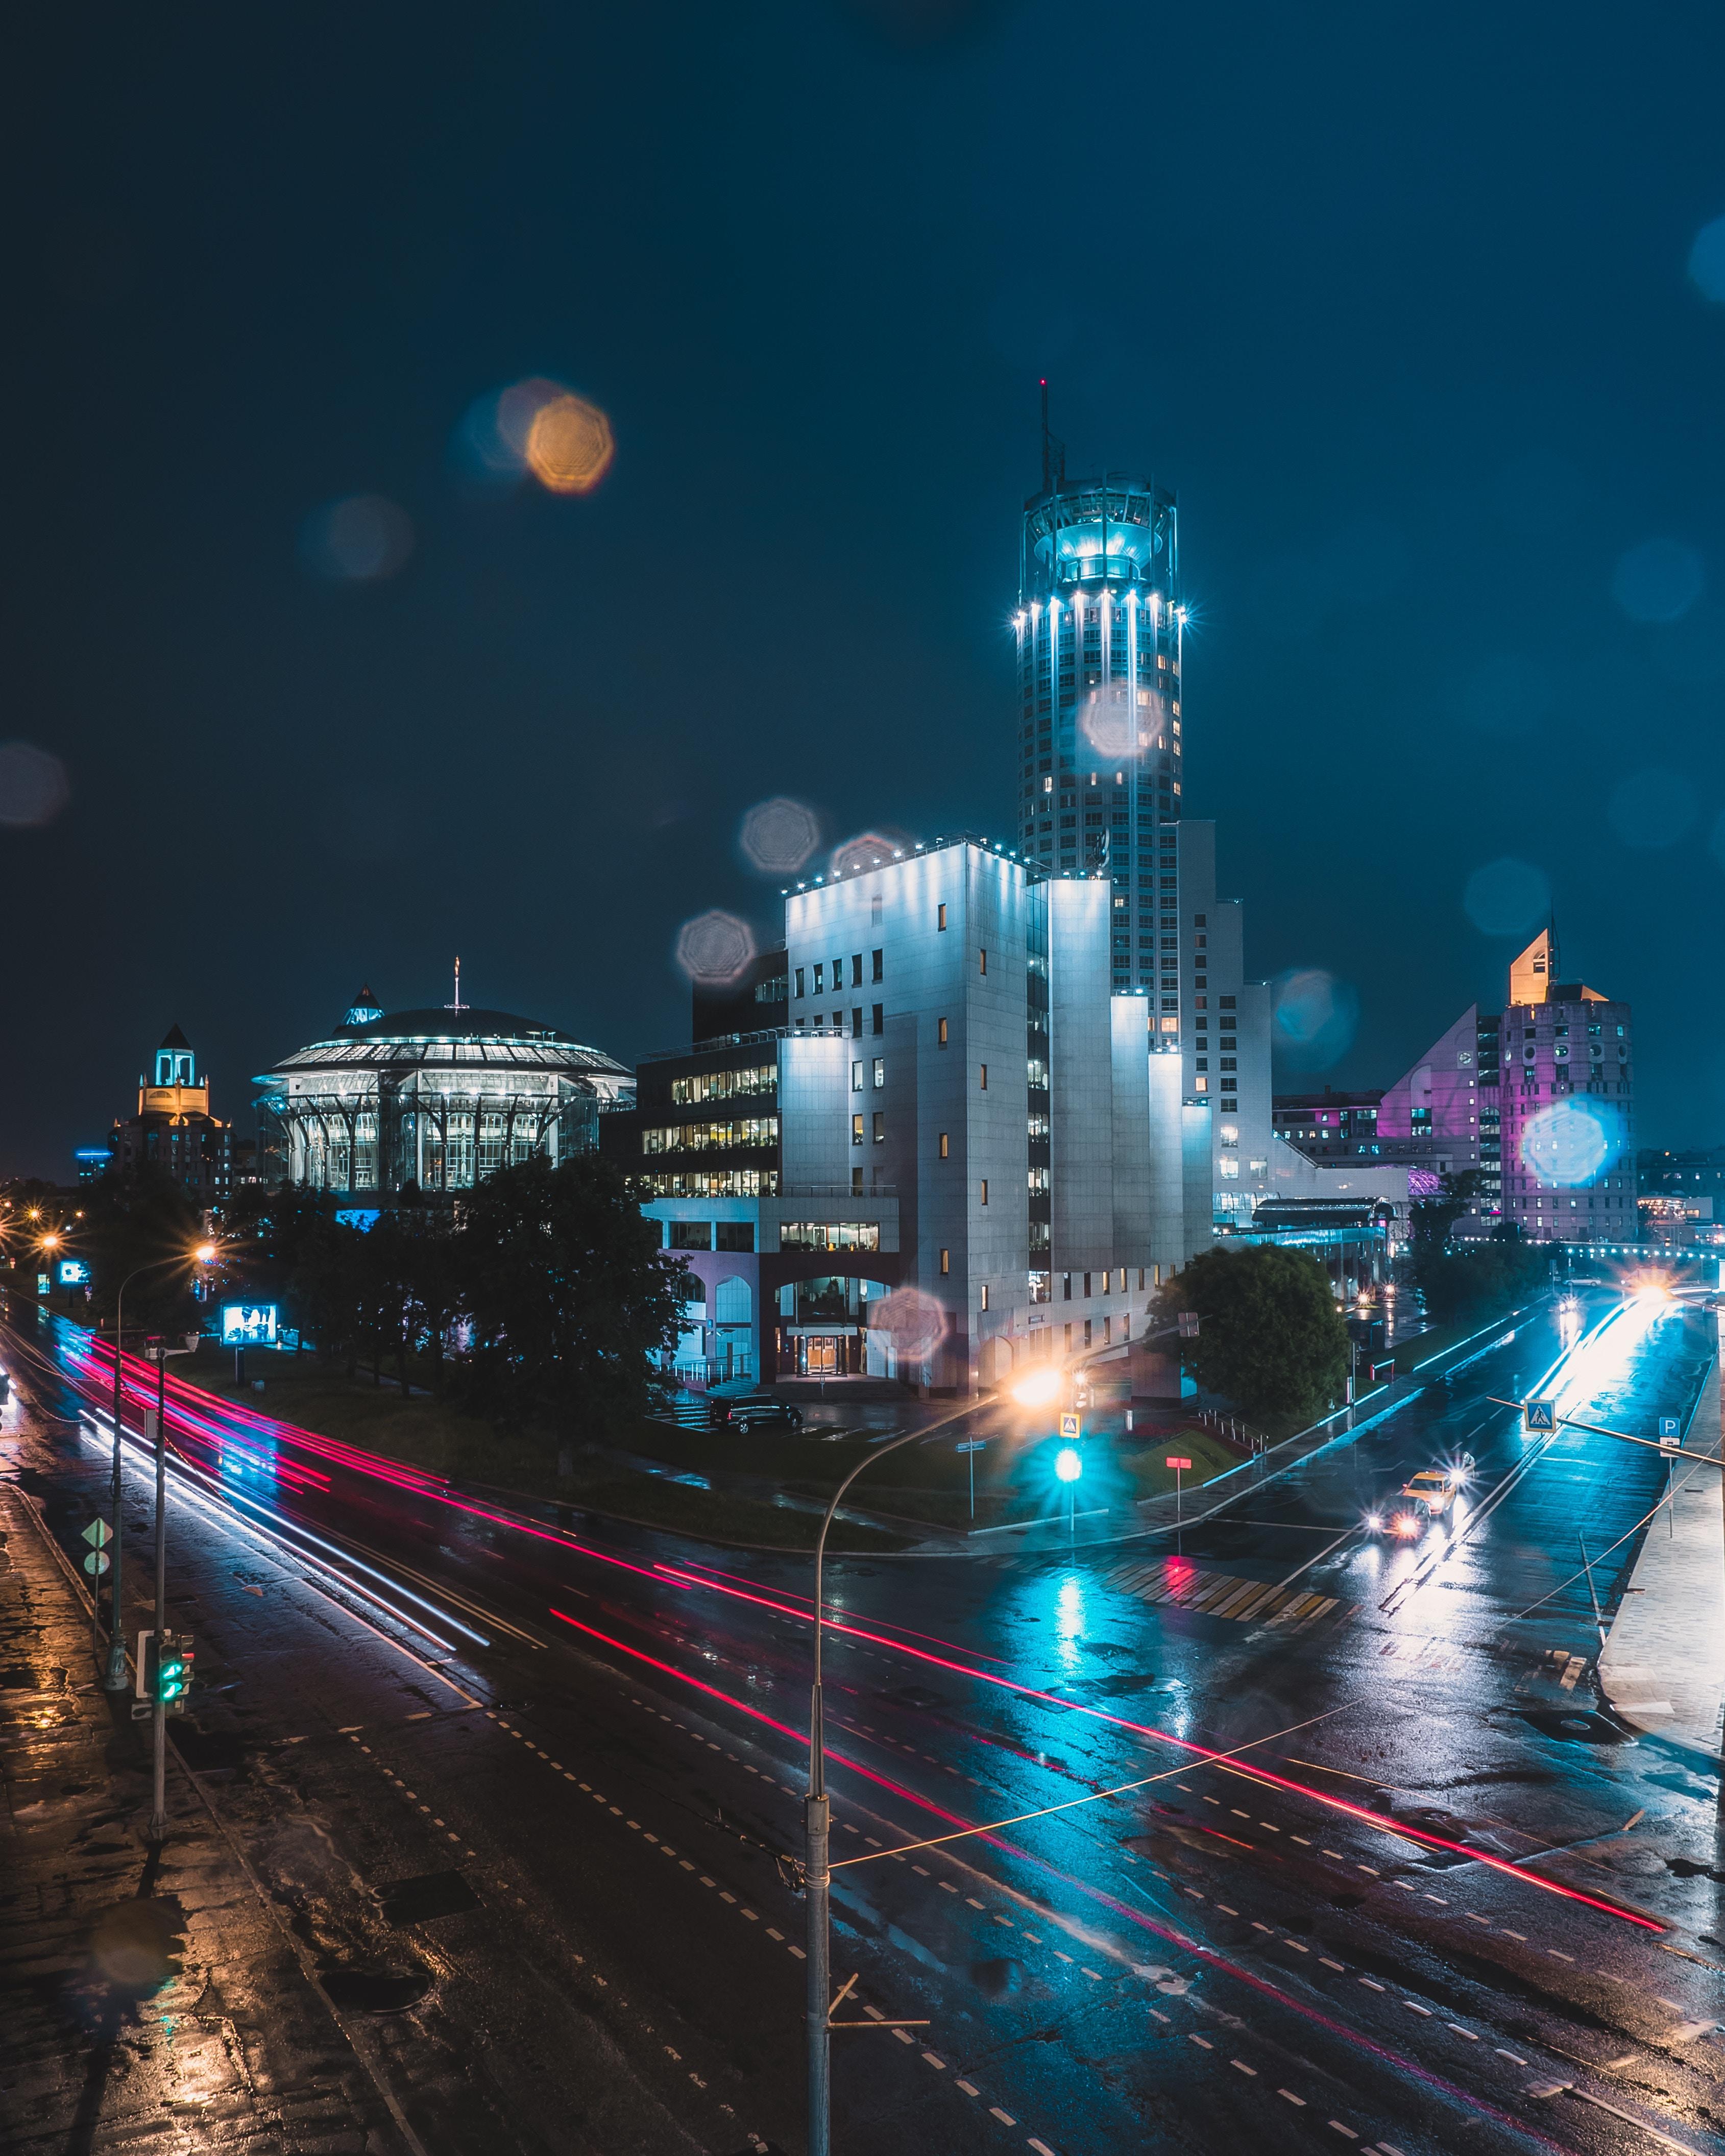 95567 скачать обои Ночной Город, Огни Города, Улица, Ночь, Москва, Россия, Блики, Боке, Города - заставки и картинки бесплатно